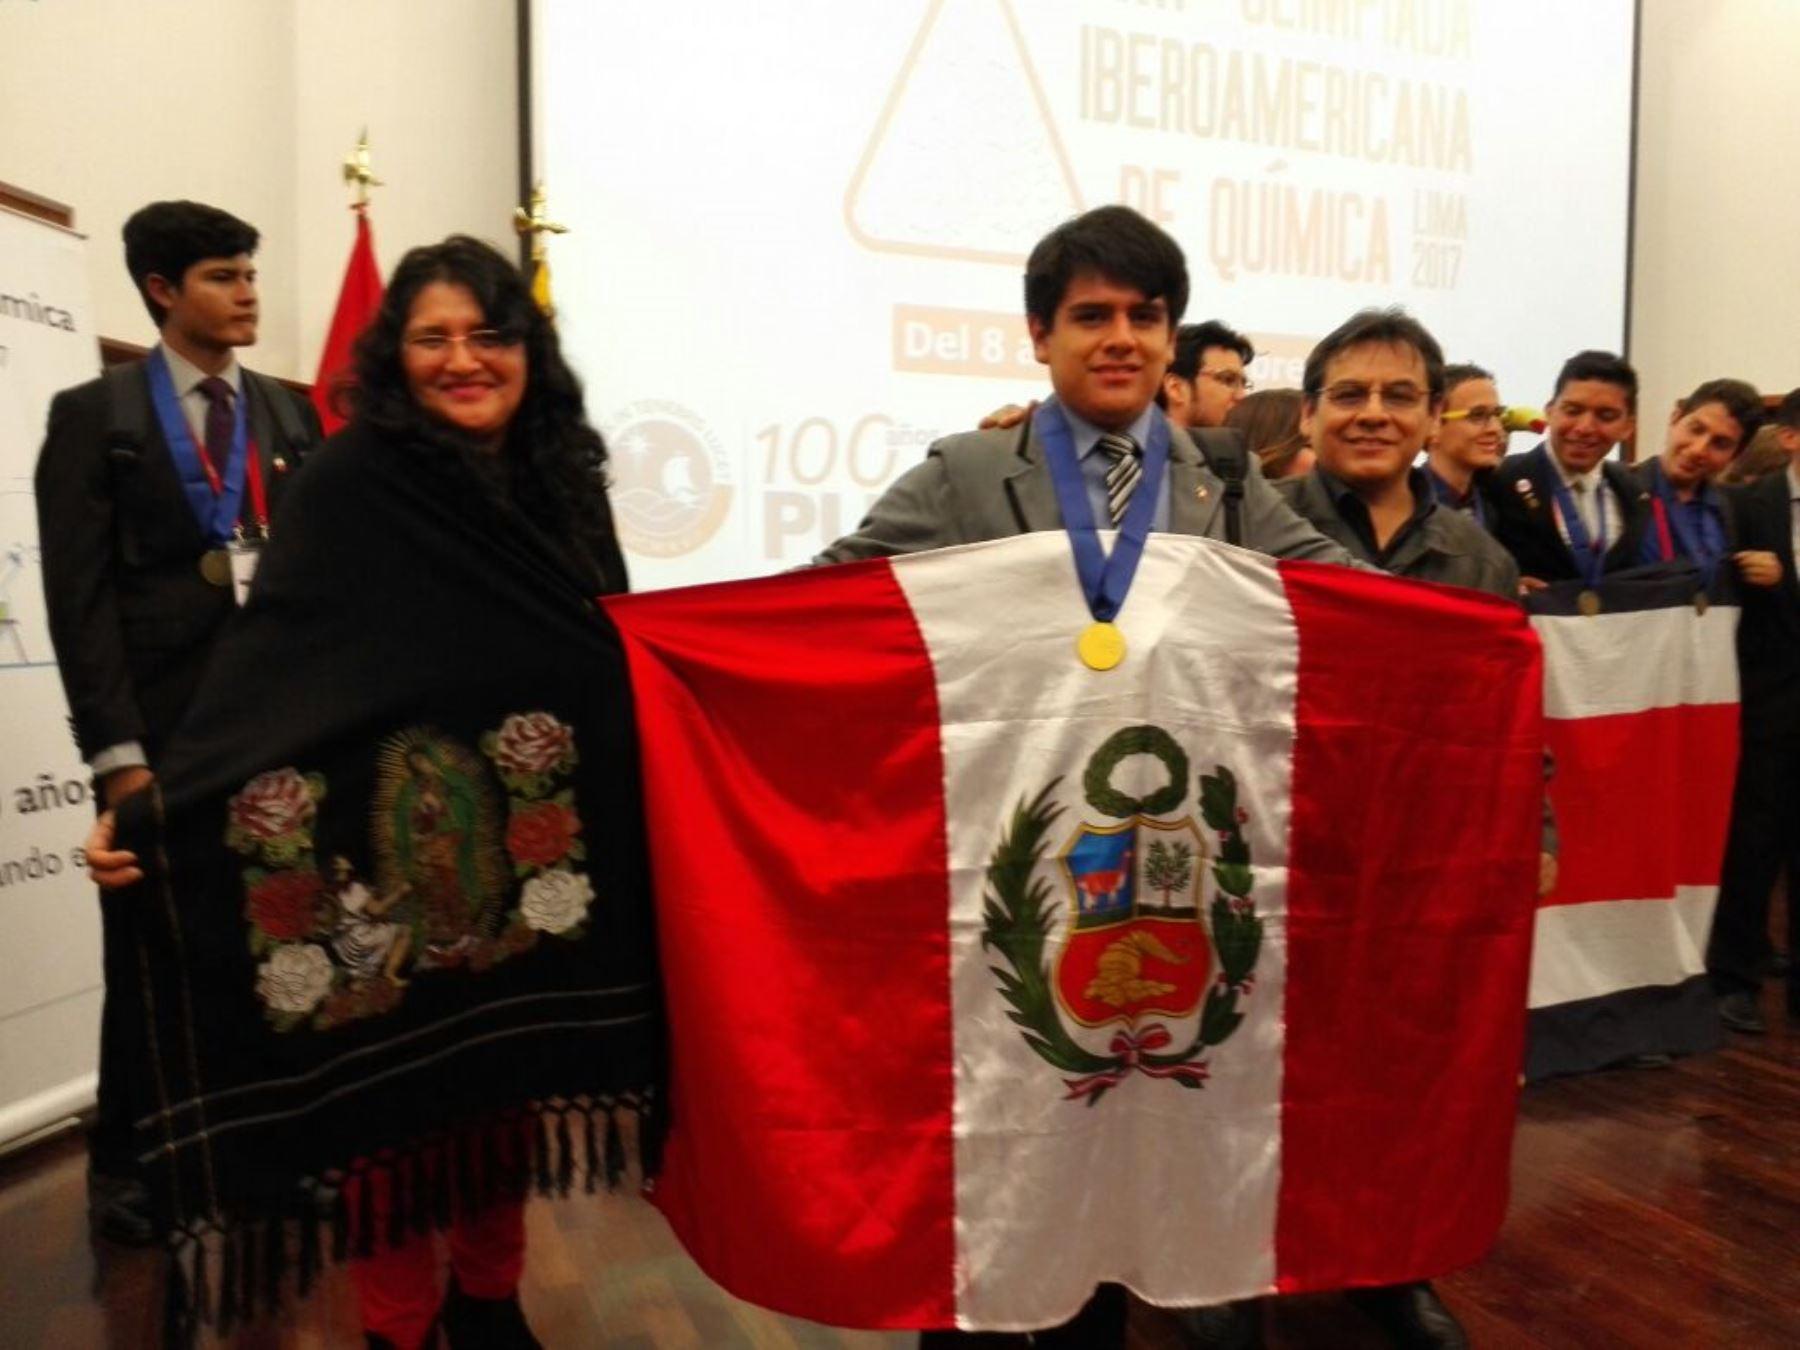 Andrés Fabián Salinas, estudiante peruano logró medalla de oro en Olimpiada Iberoamericana de Química. Foto; ANDINA/Difusión